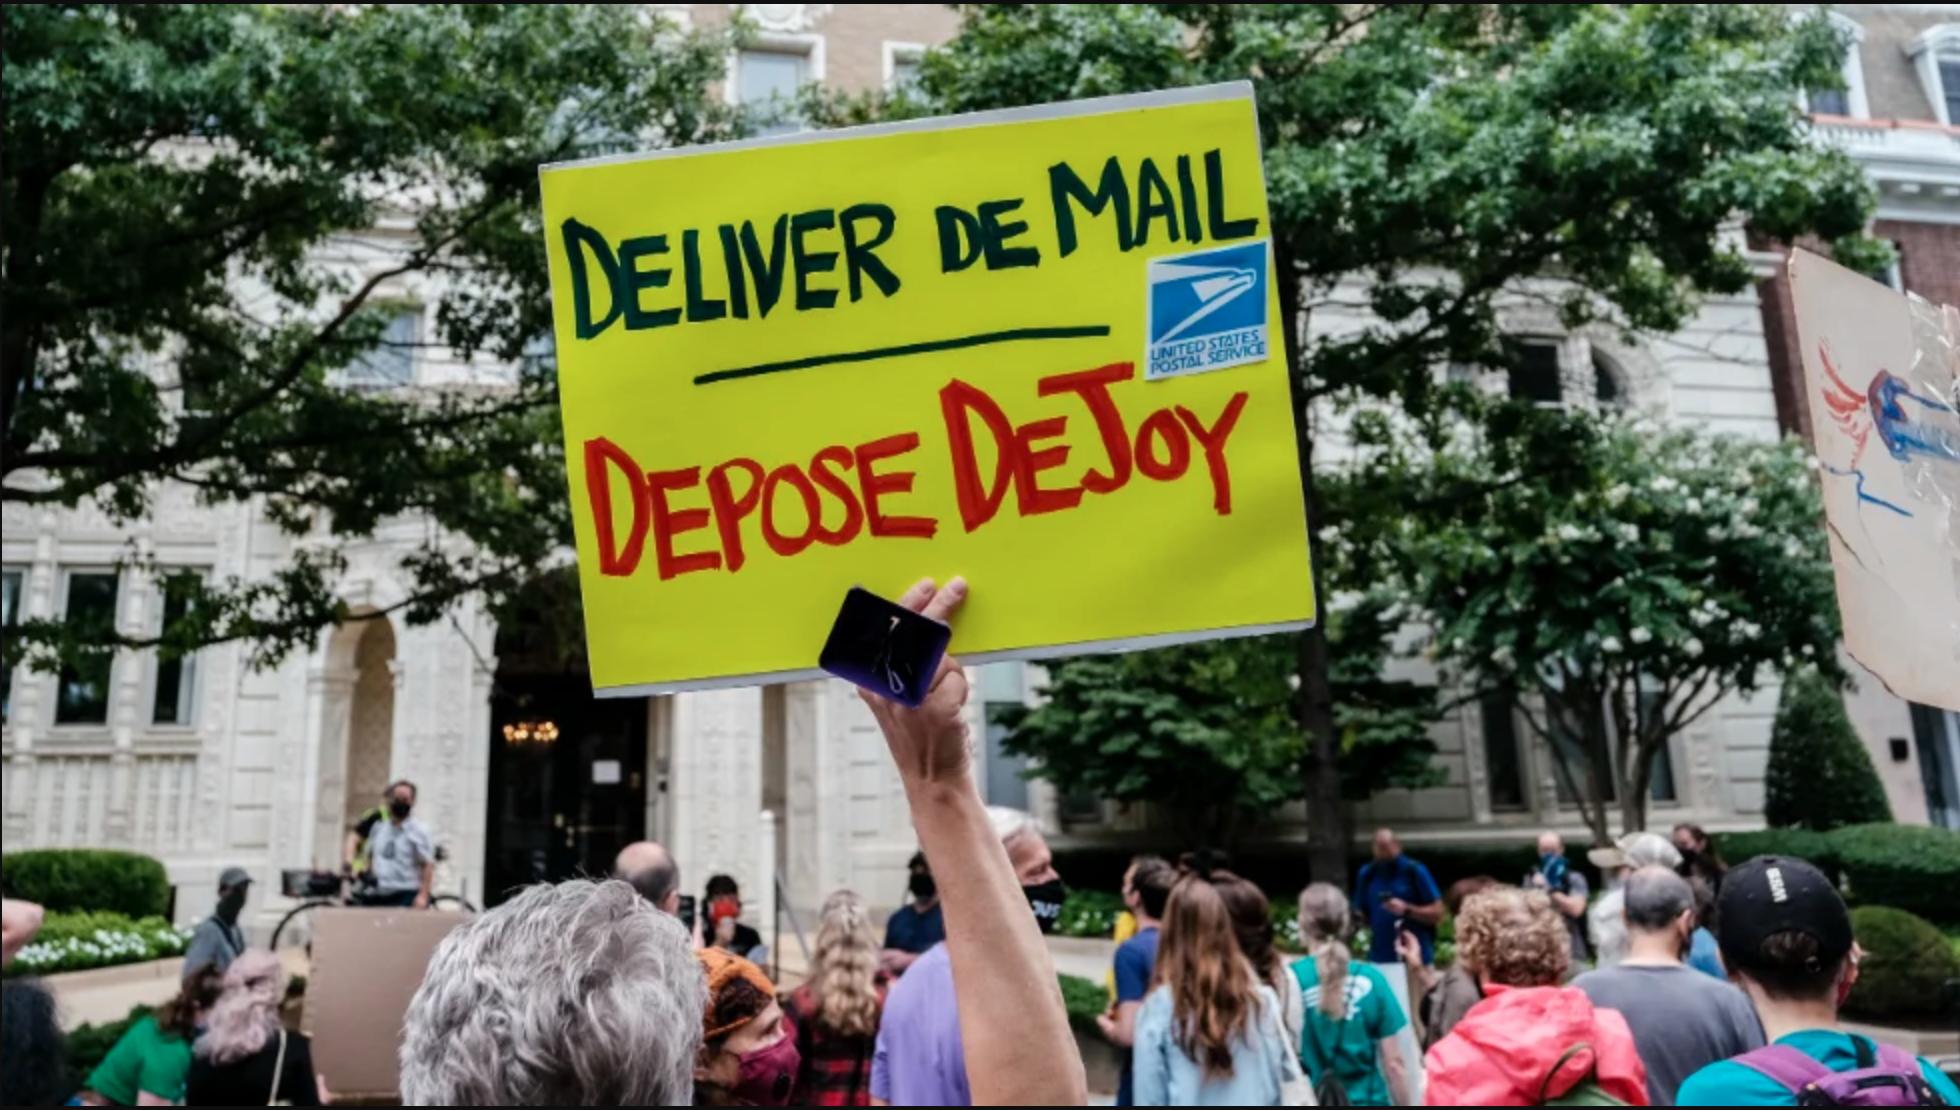 DeJoy protesters